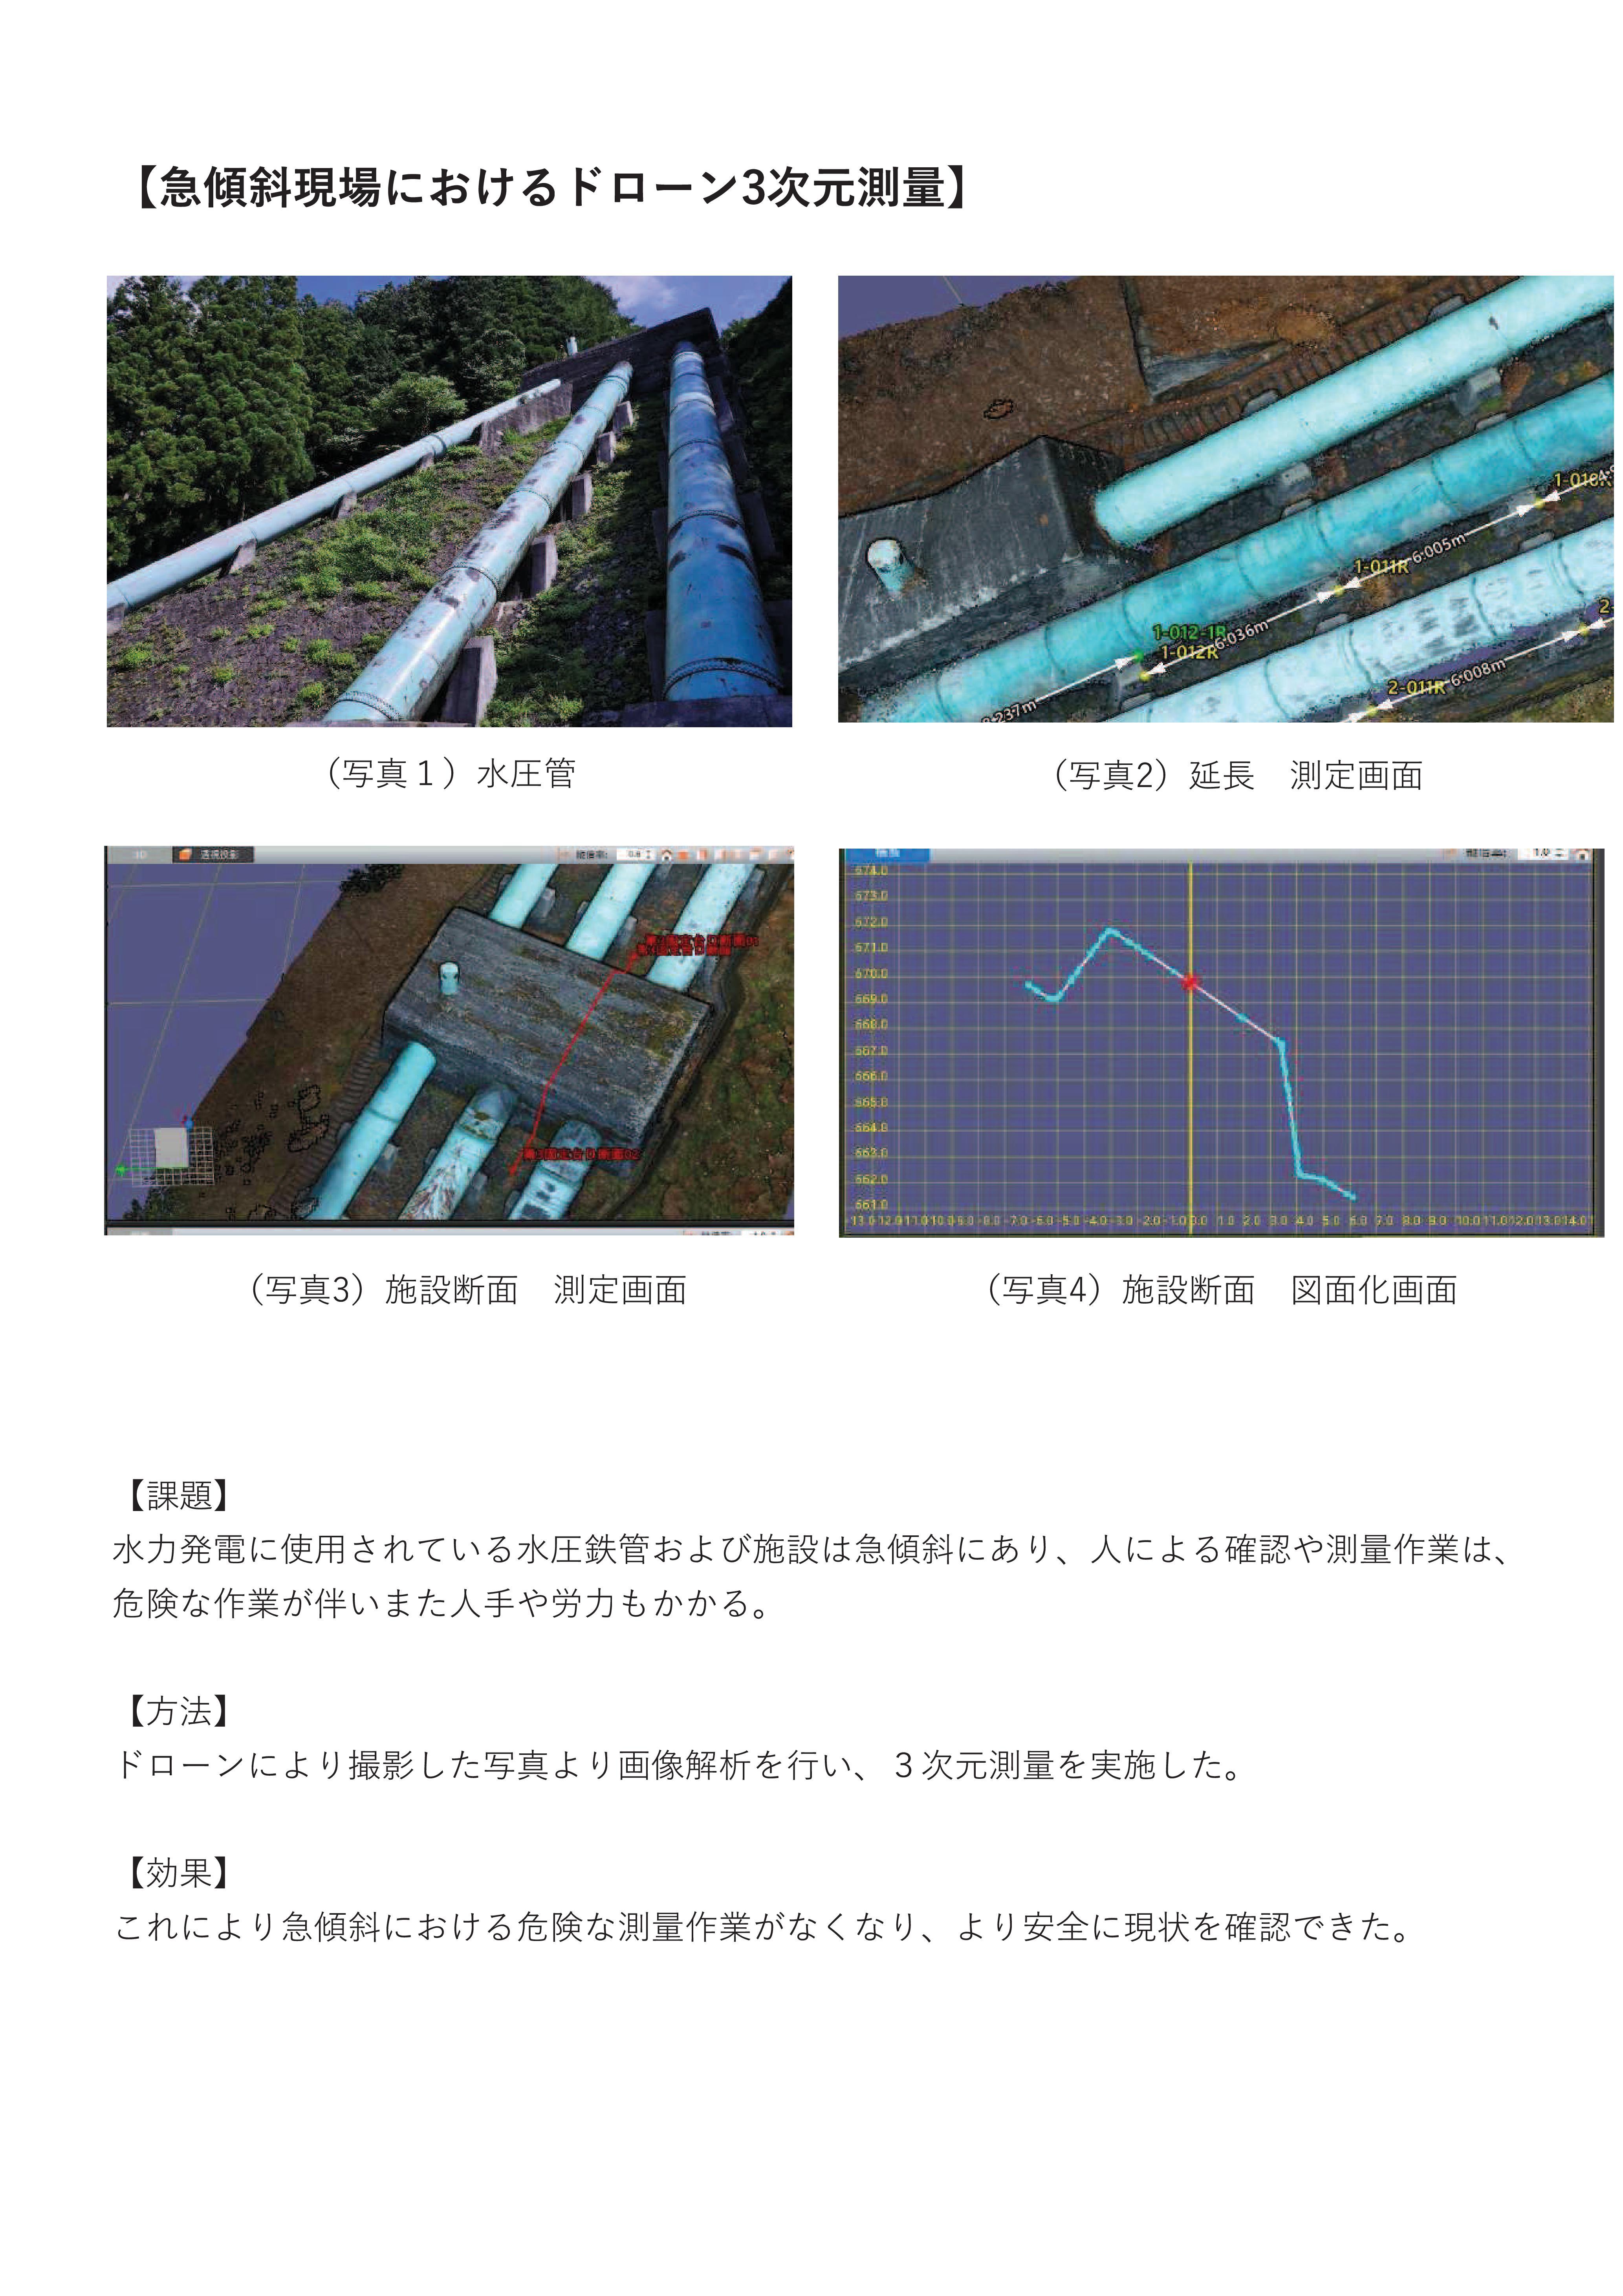 2020-01-28 資料 急傾斜現場におけるドローン3次元測量 (3)